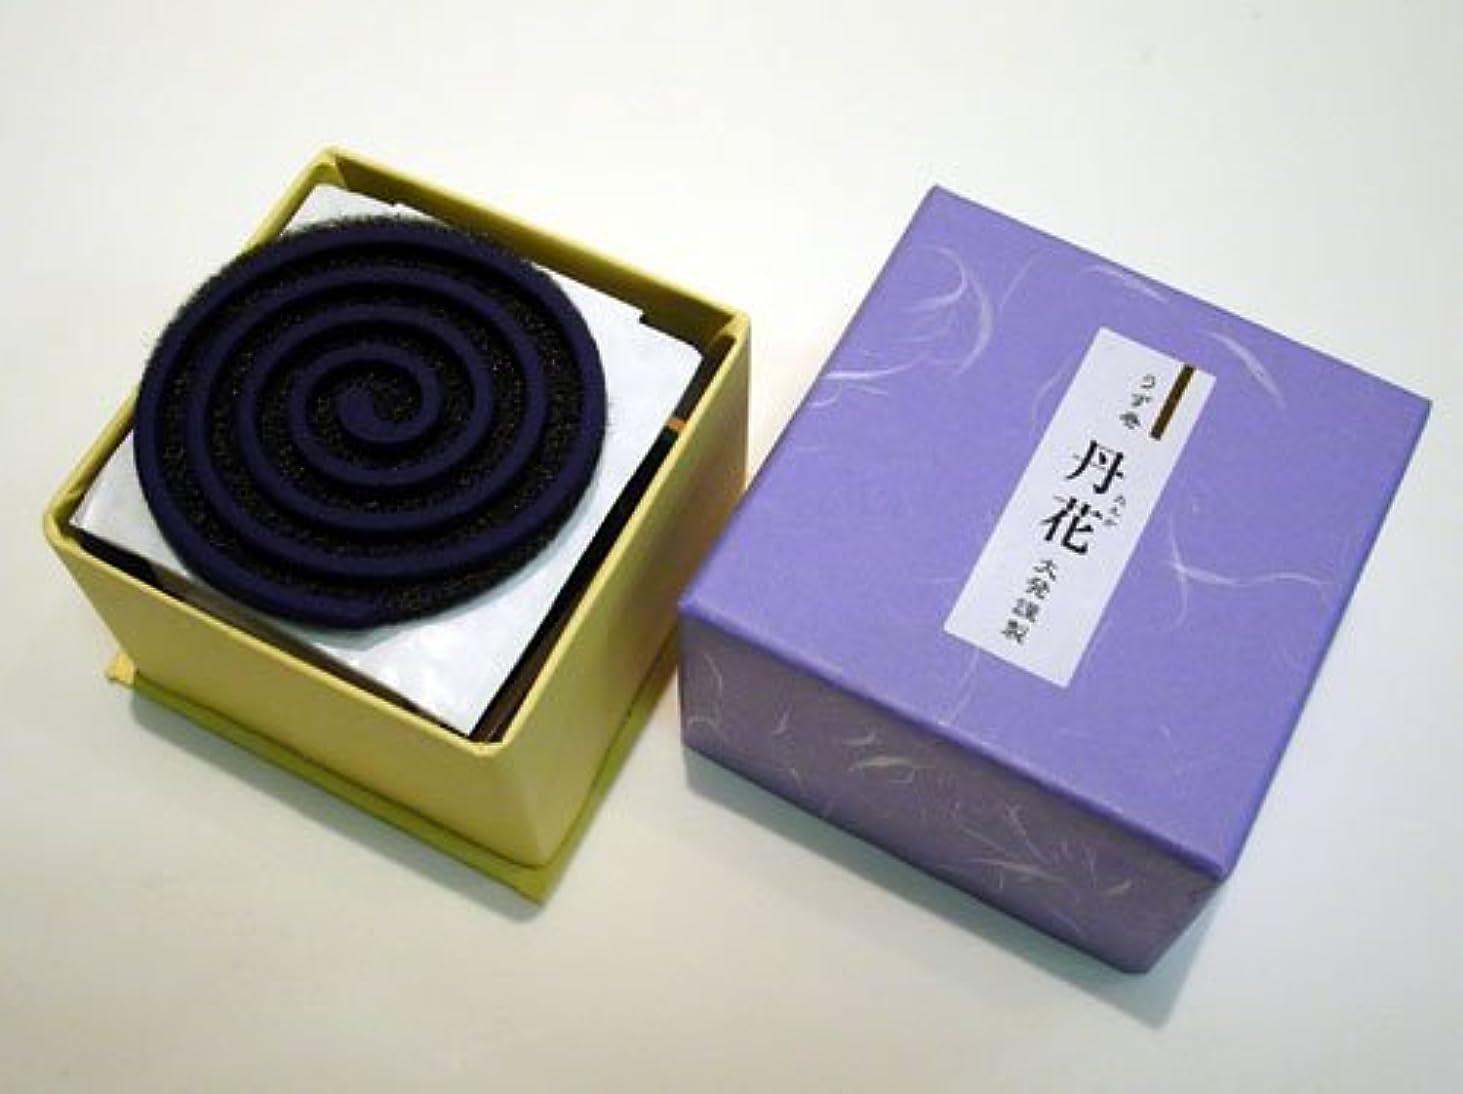 機会パズルカジュアル甘酸っぱいエキゾチックな香り 「うず巻丹花(たんか)紫」 大発【お香】